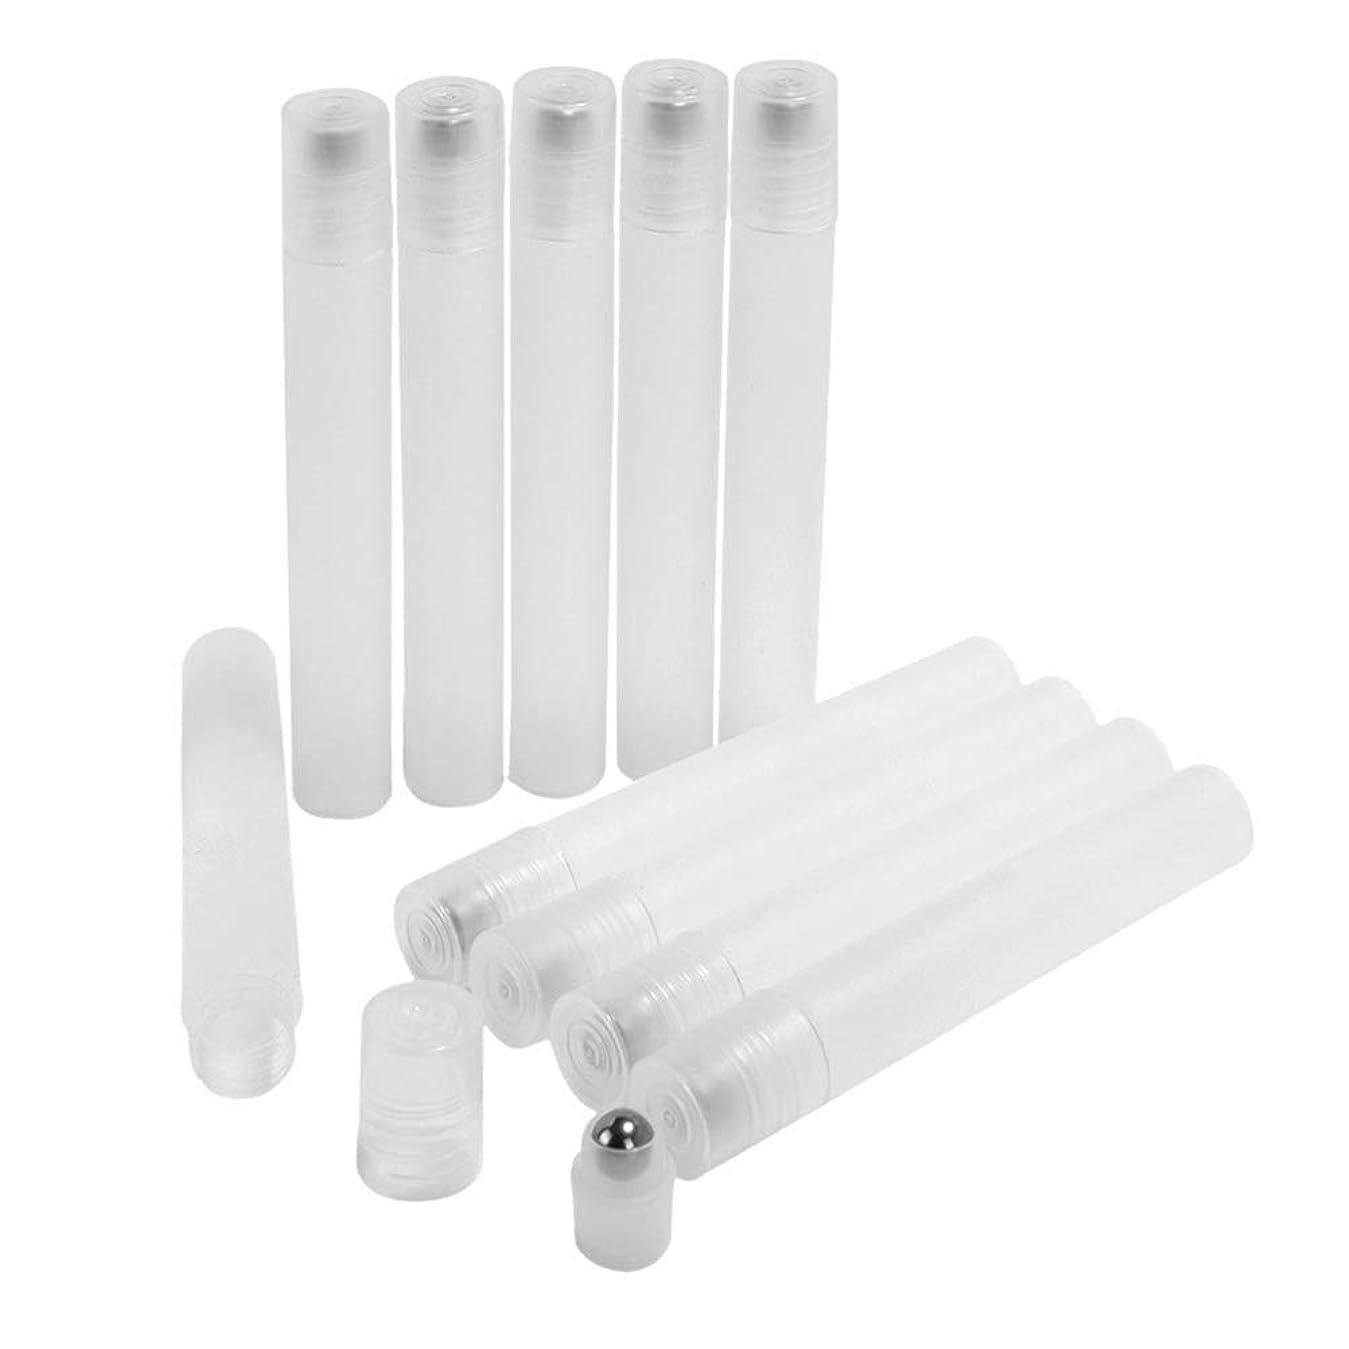 節約鳥したがってFrcolor ロールオンボトル 10ml ロールタイプ 精油 香水 小分け用 多機能 アロマボトル 保存容器 10本セット 透明